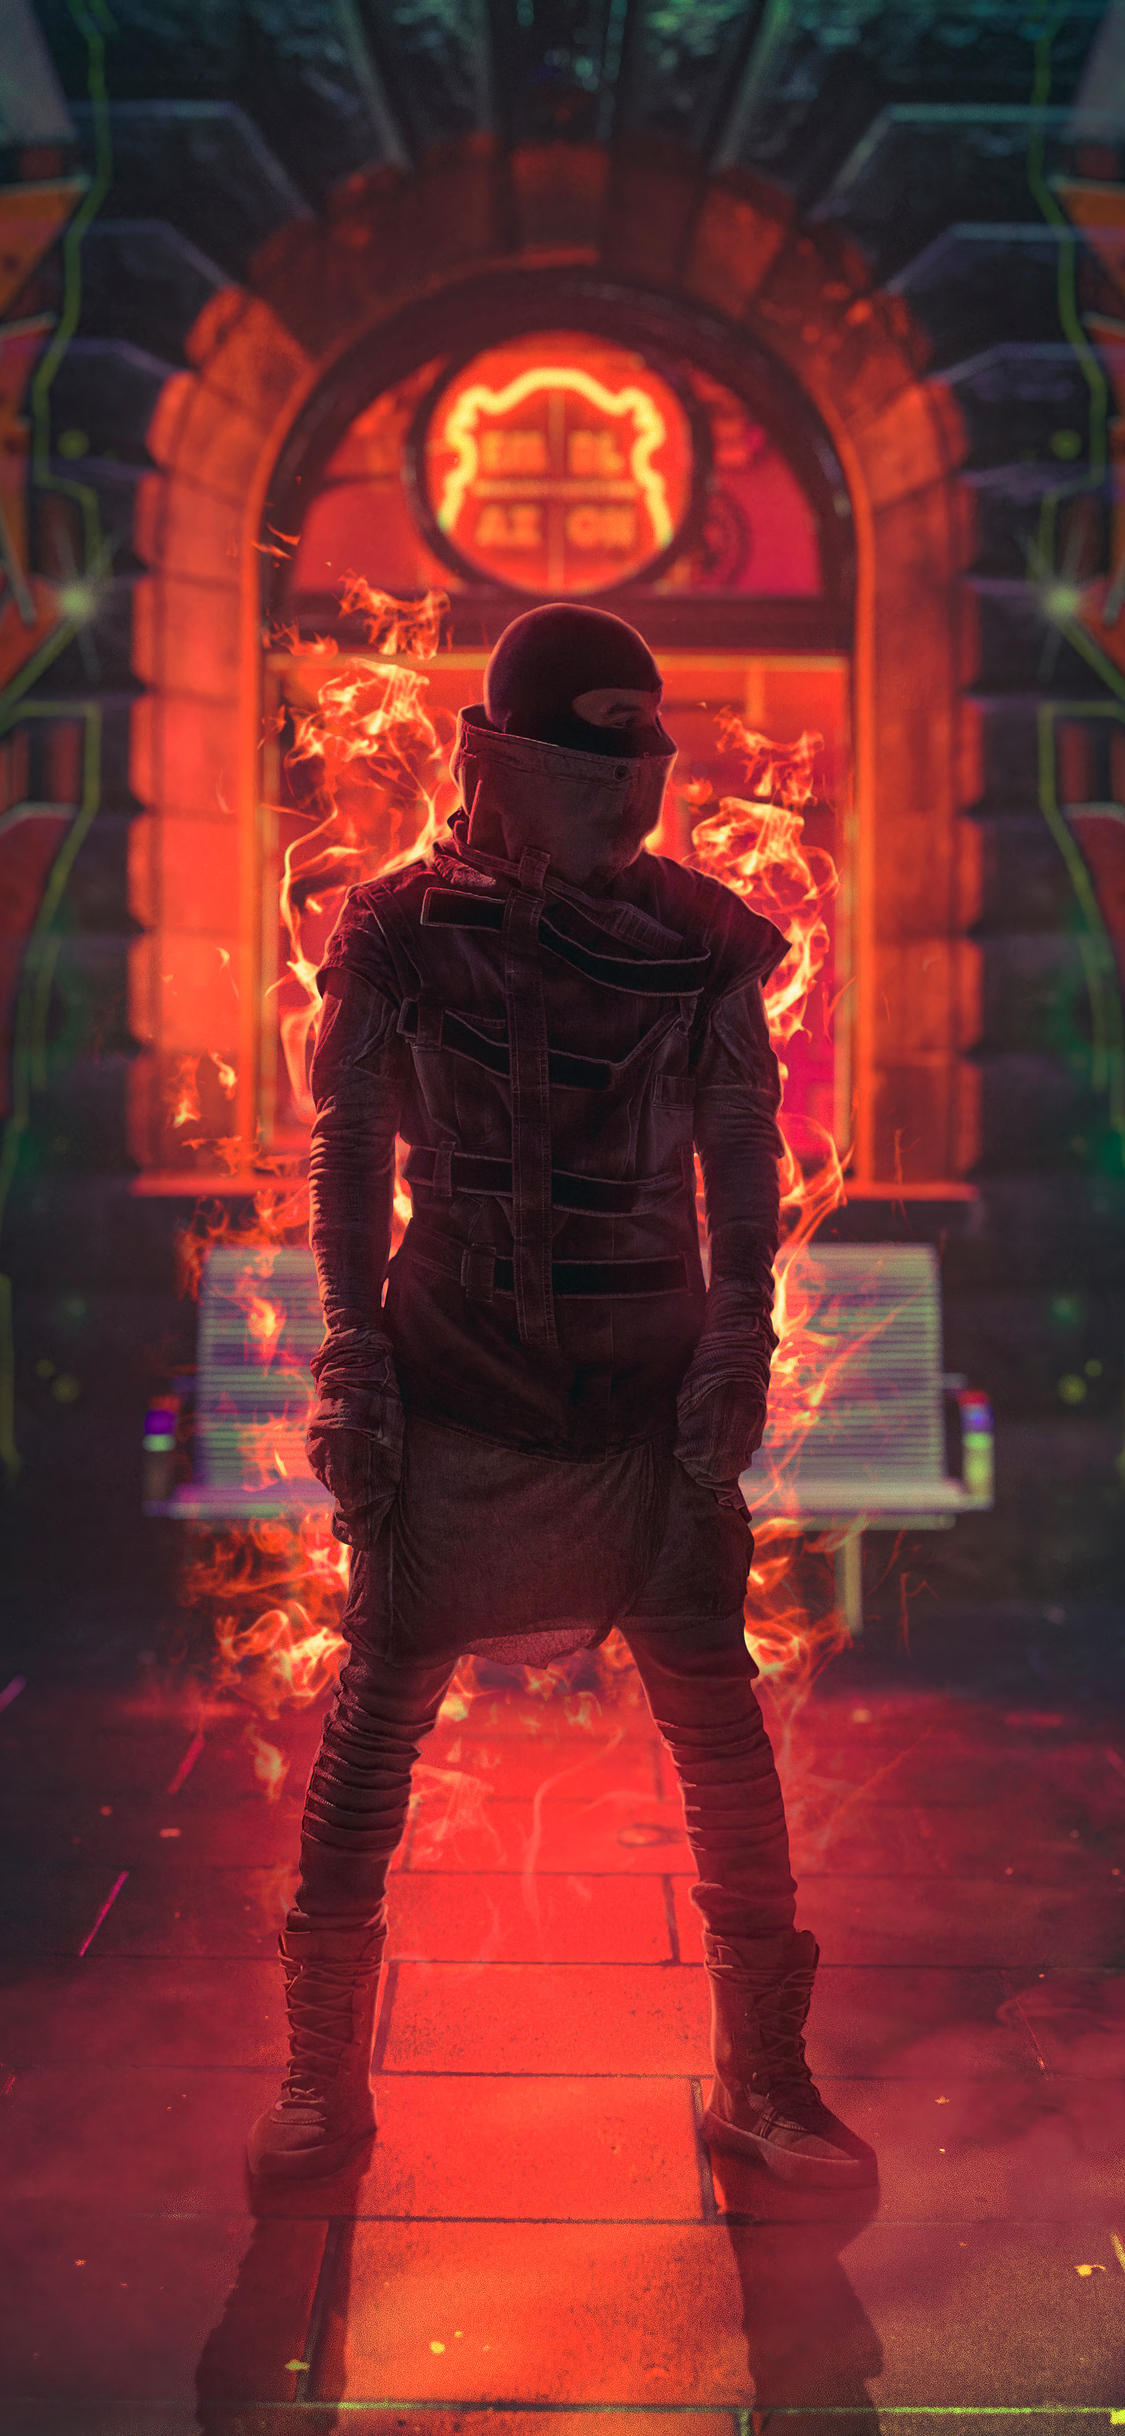 in-ninja-clothes-5k-n9.jpg